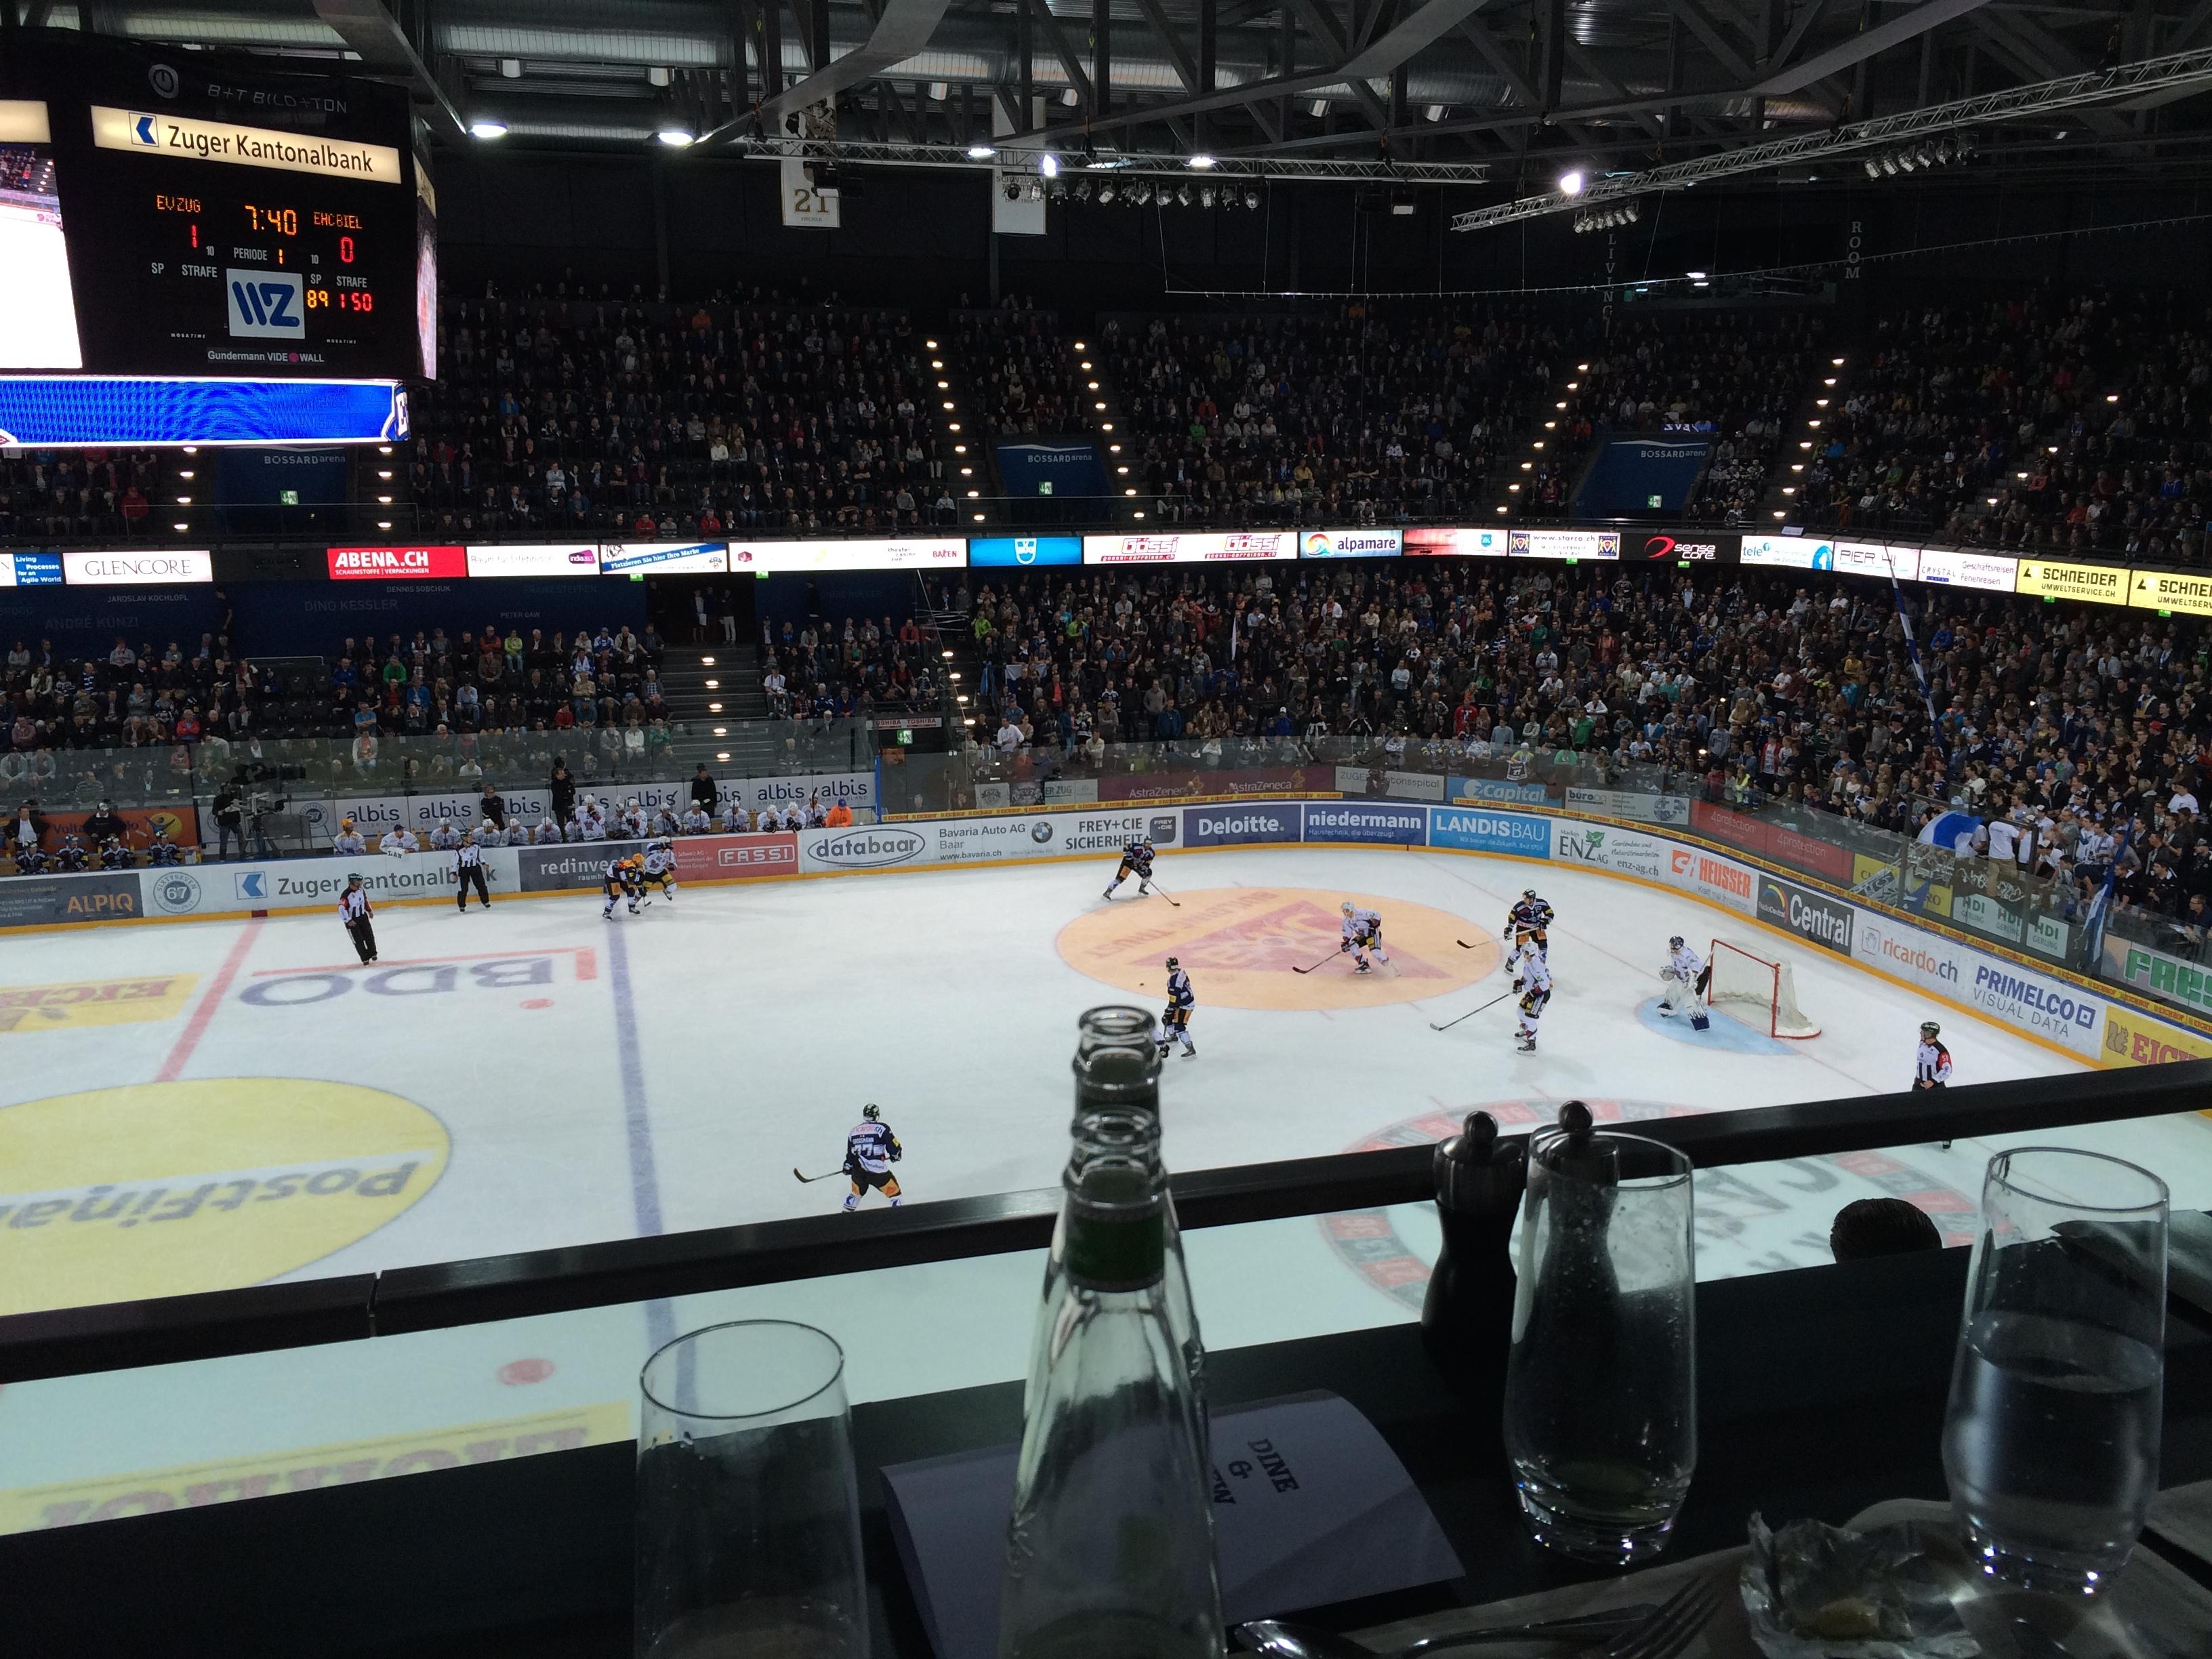 Ein ganz spezieller Hockey-Match